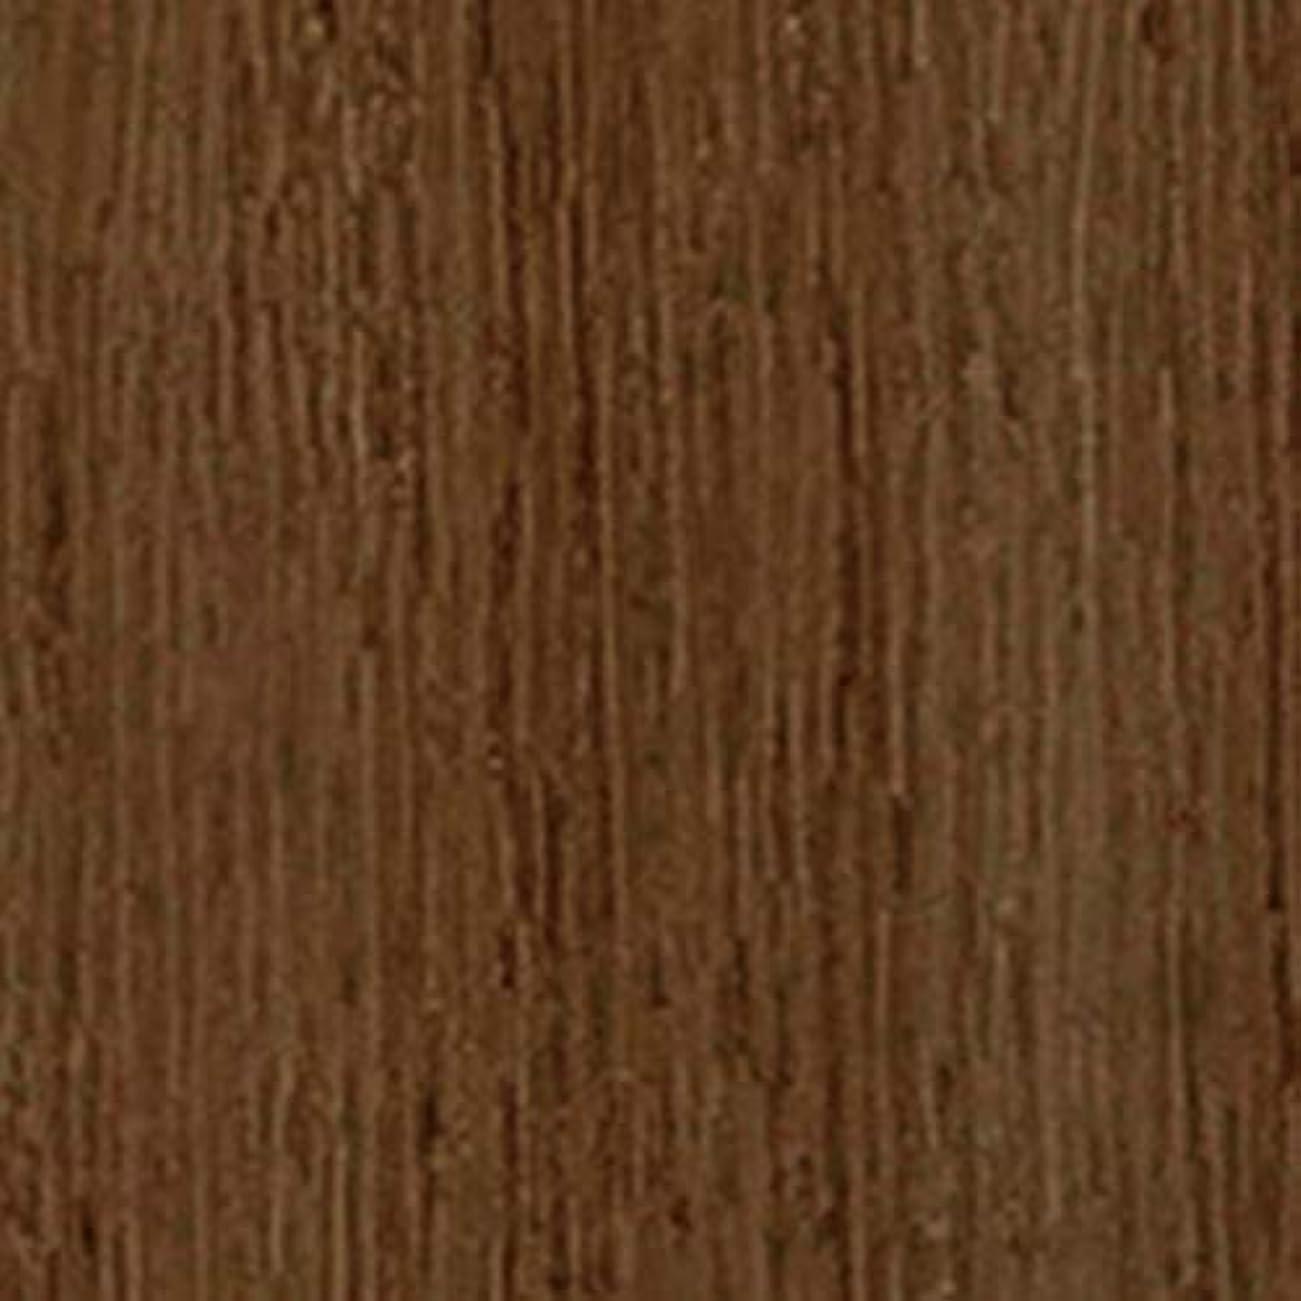 勇気パイント降雨サンゲツ Sフロア 長尺シート エスリューム ウッドⅡ PF-4723 (旧 PF-1684) 【長さ1m x 注文数】 巾182cm 厚み2.0mm